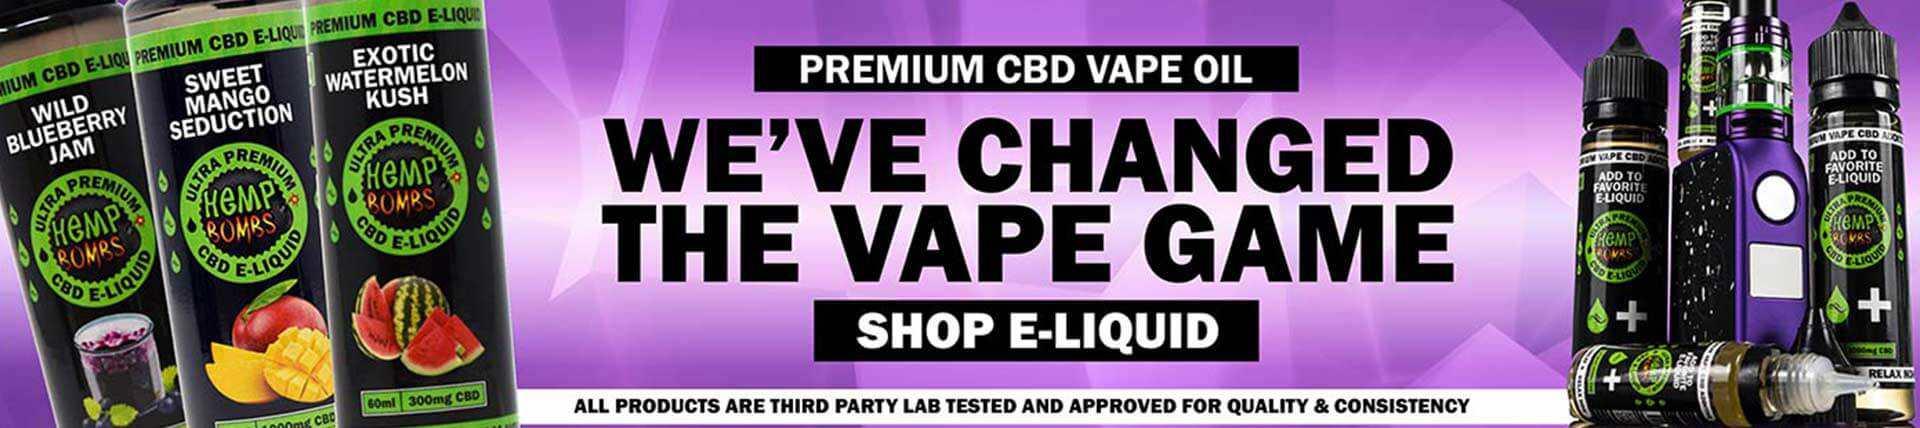 Premium CBD E-Liquid from Hemp Bombs